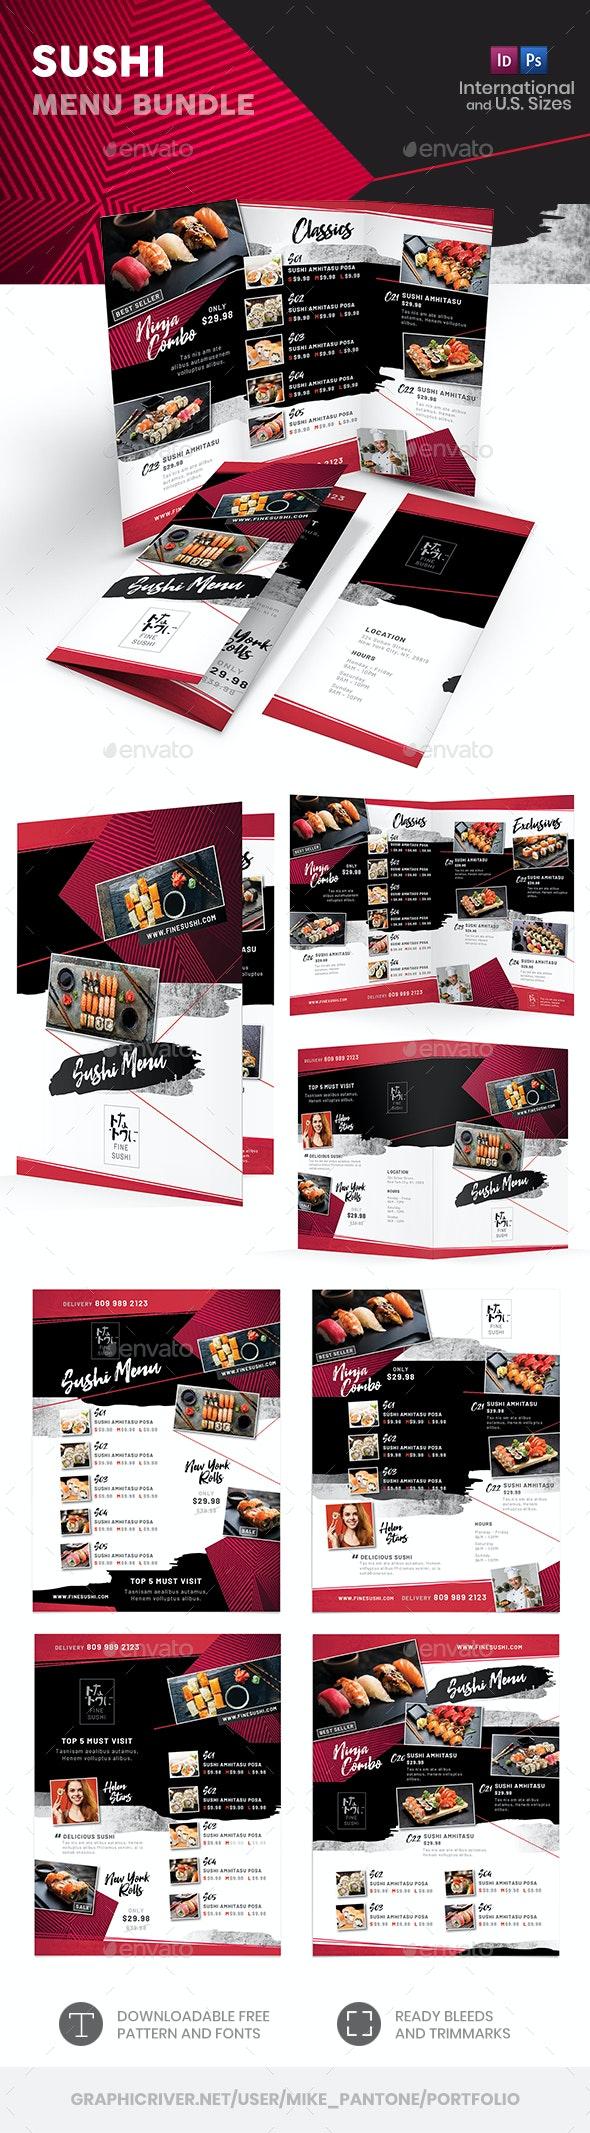 Sushi Menu Print Bundle 4 - Food Menus Print Templates